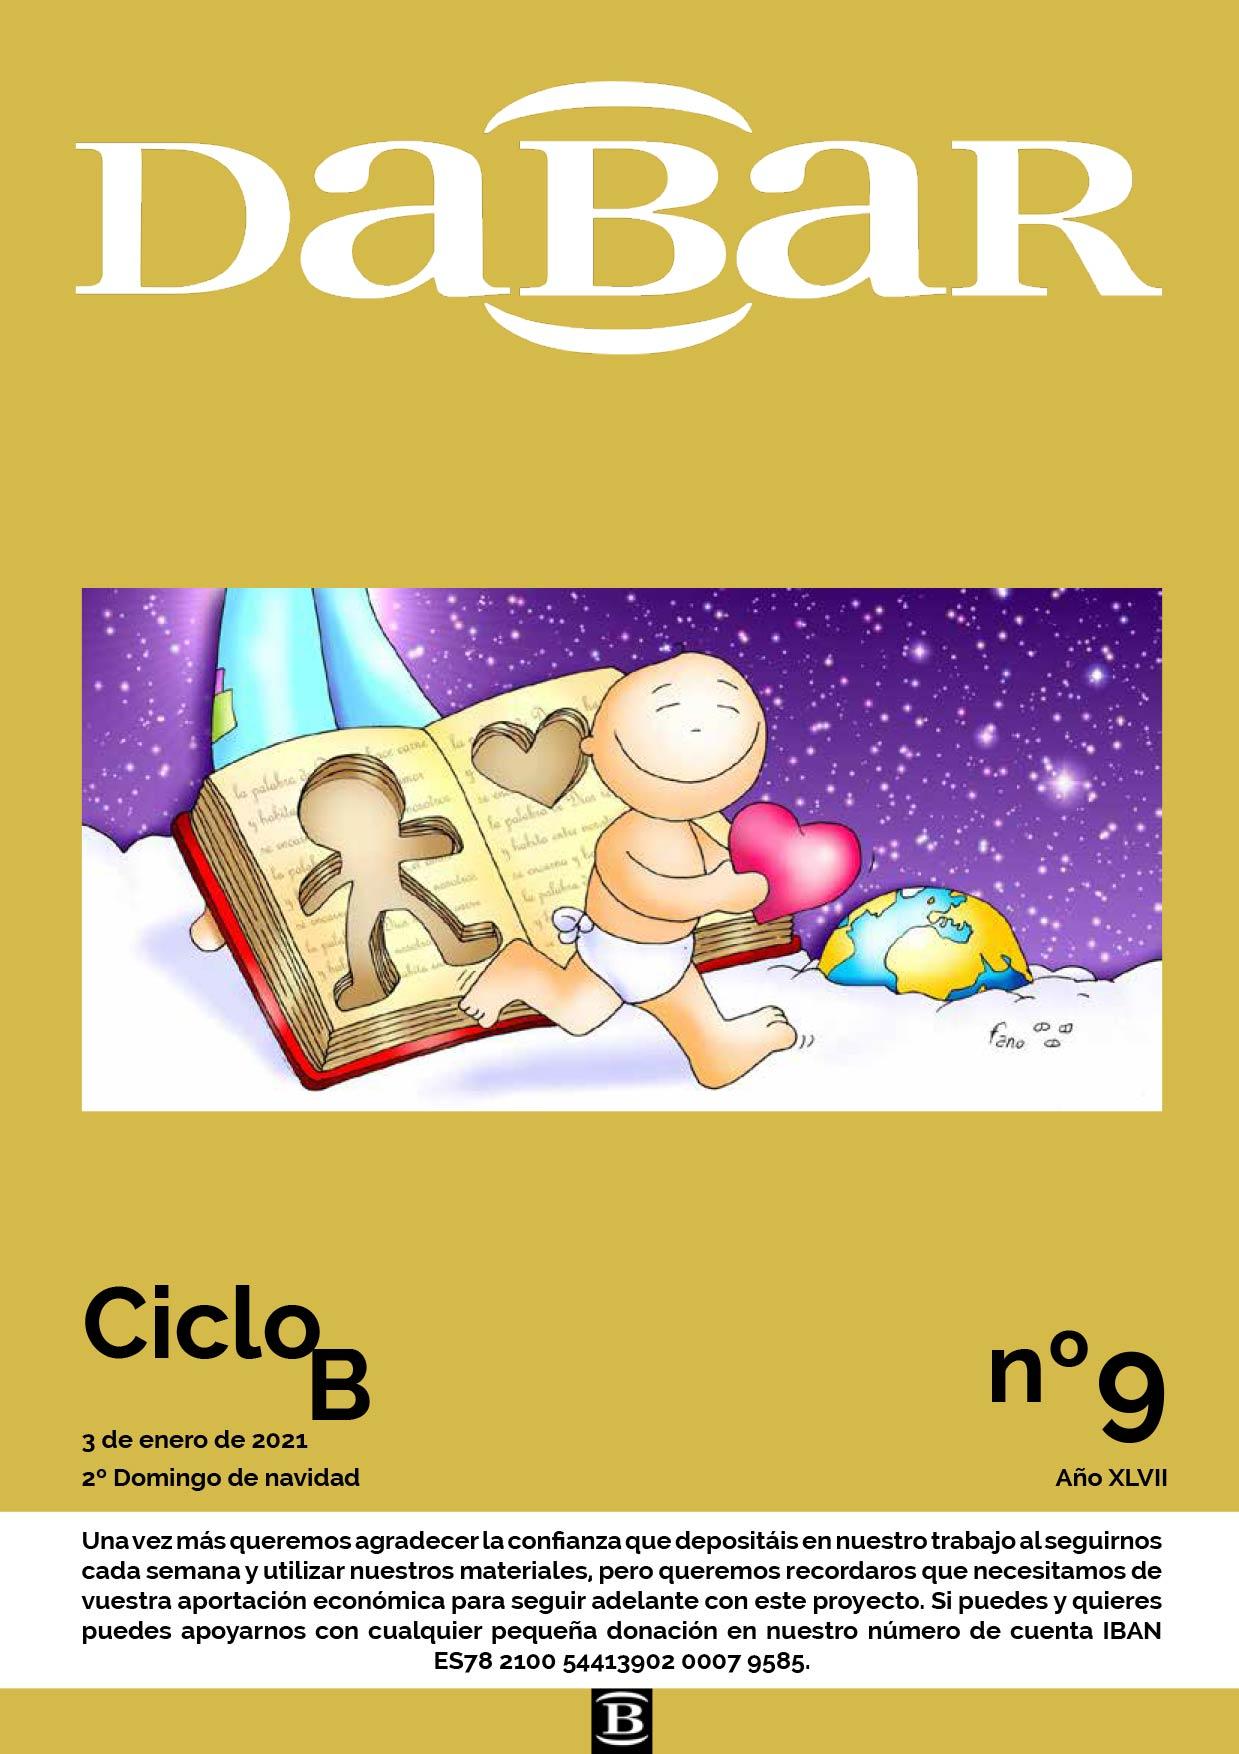 Dabar Revista numero 9 ciclo B